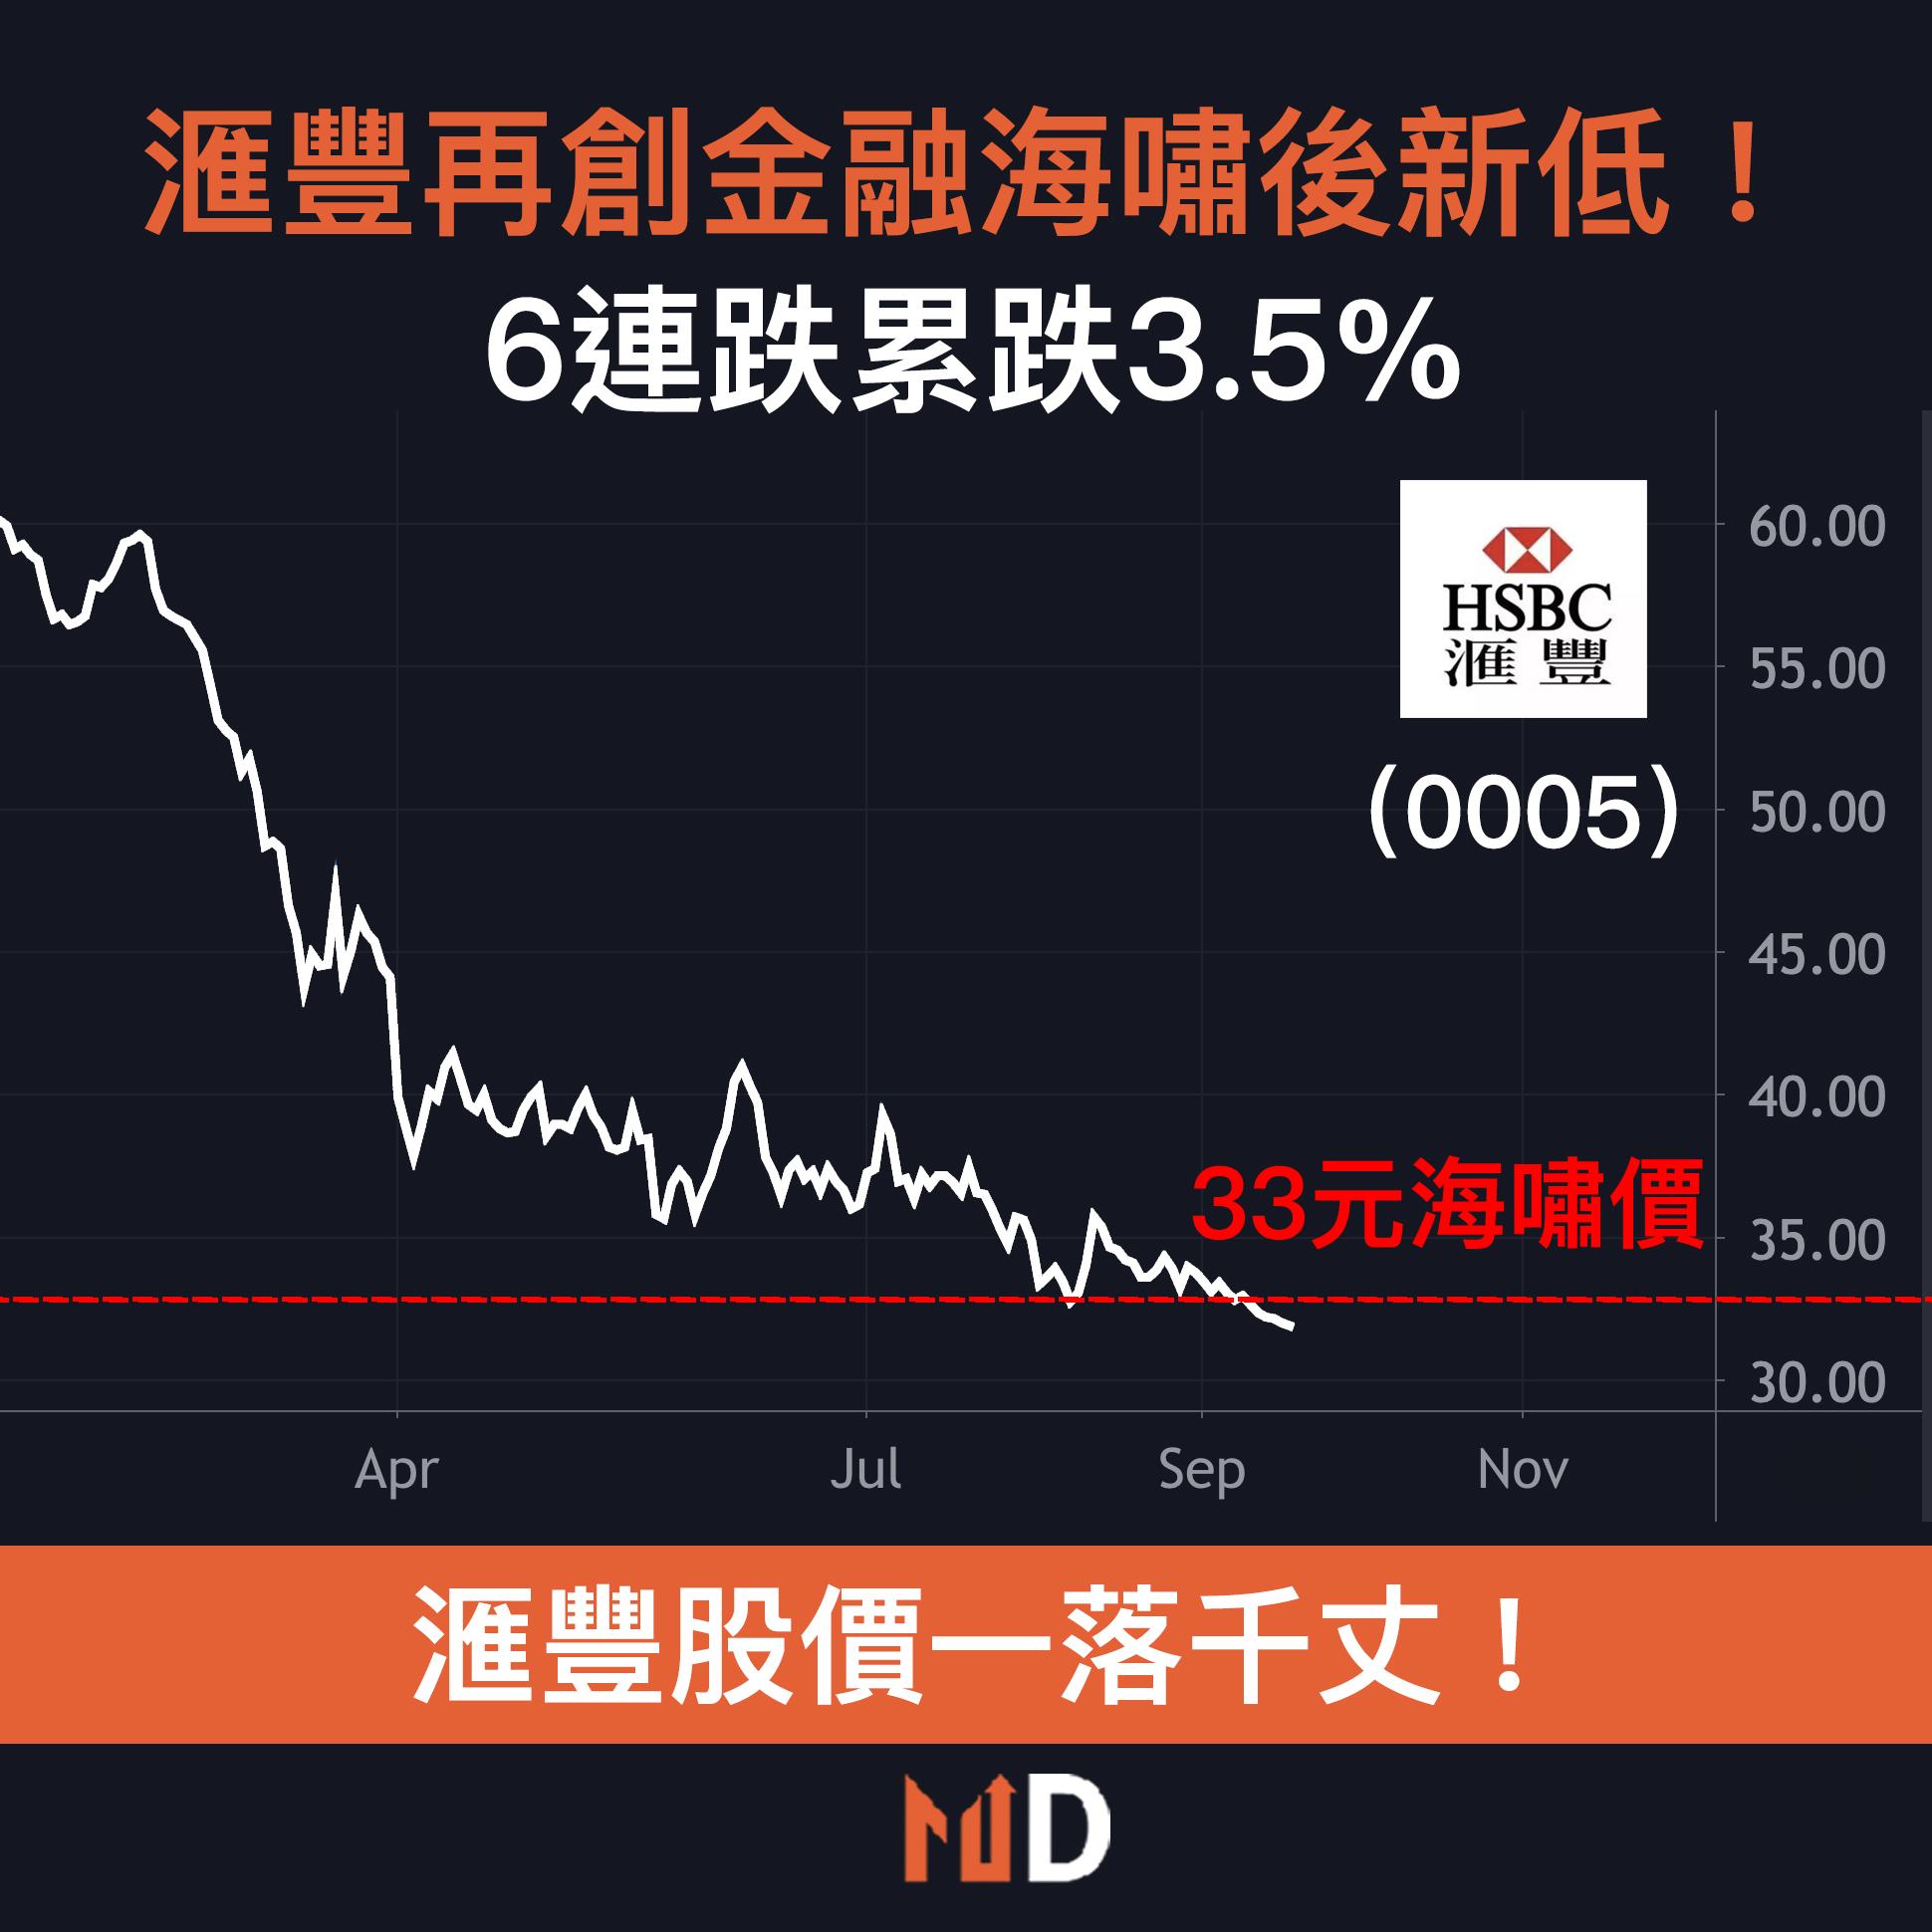 【滙豐股價】滙豐再創金融海嘯後新低!6連跌累跌3.5%